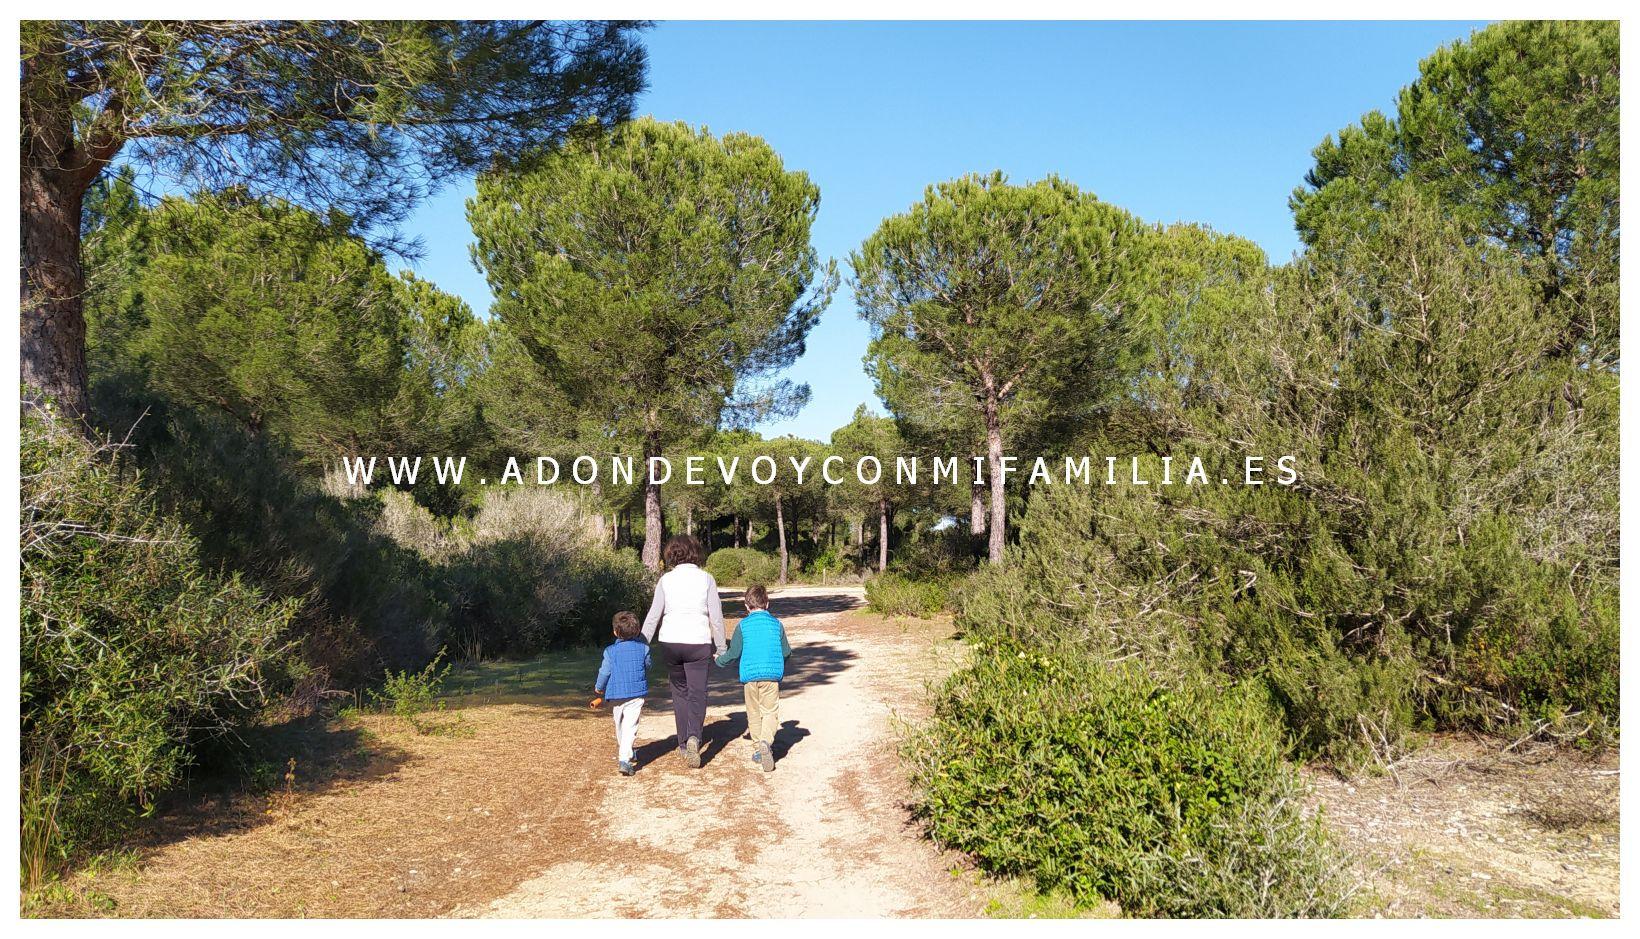 sendero-cerro-del-aguila-pinar-de-la-algaida-sanlucar-adondevoyconmifamilia-58